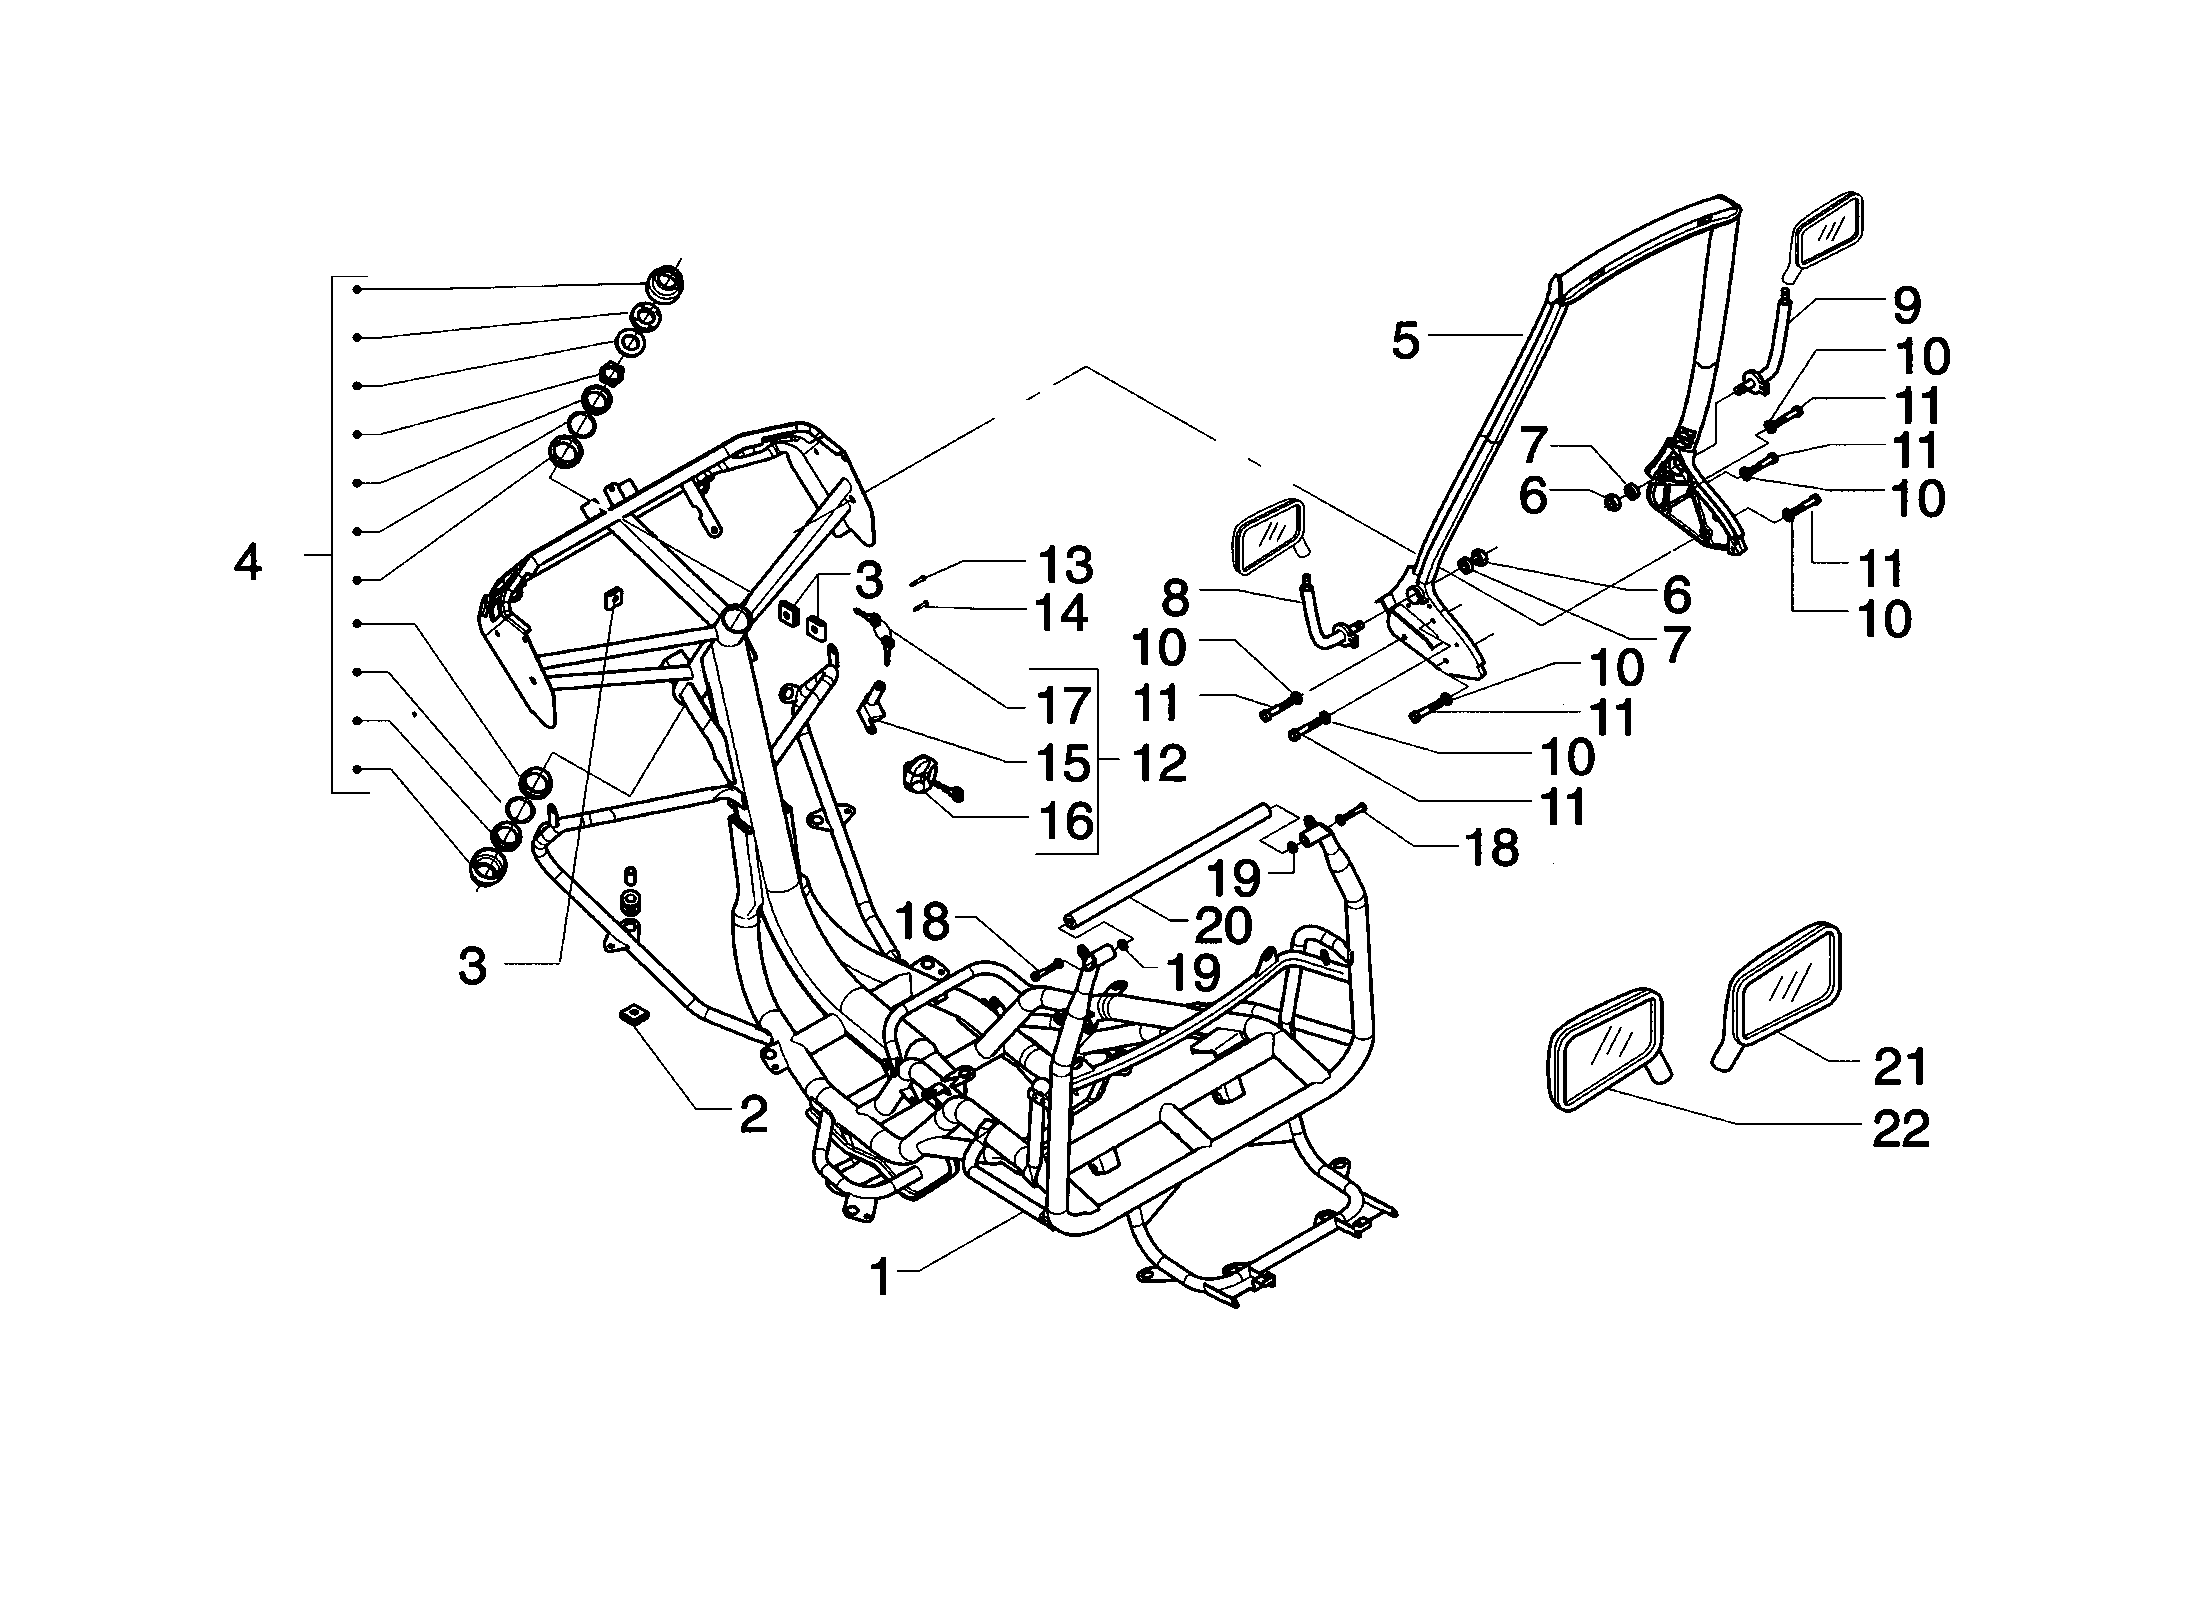 Rahmen / Rückspiegel / Zündschloss